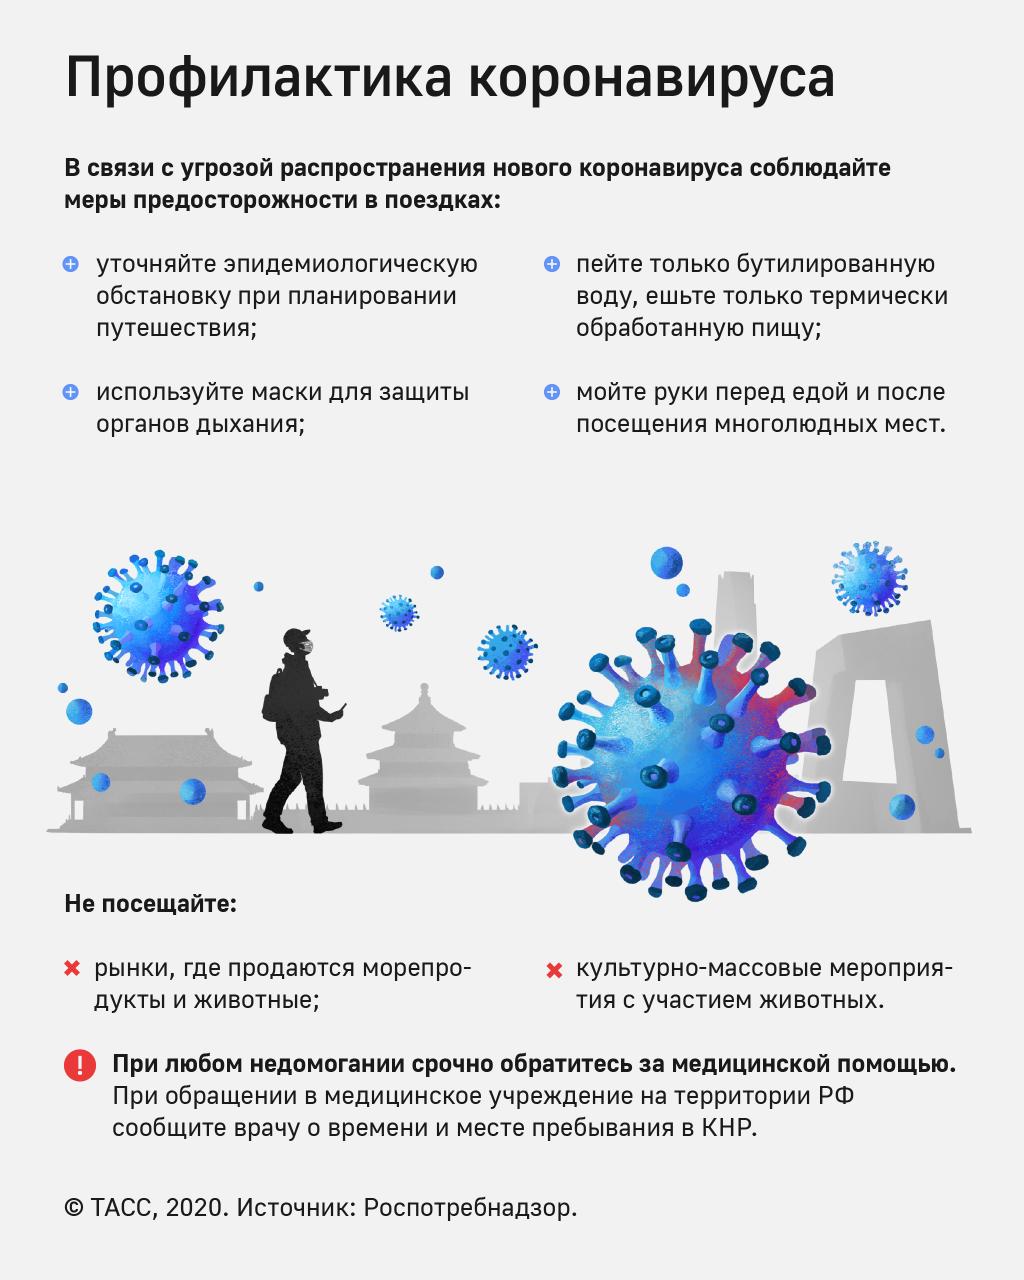 профилактика коронавируса у человека 2020